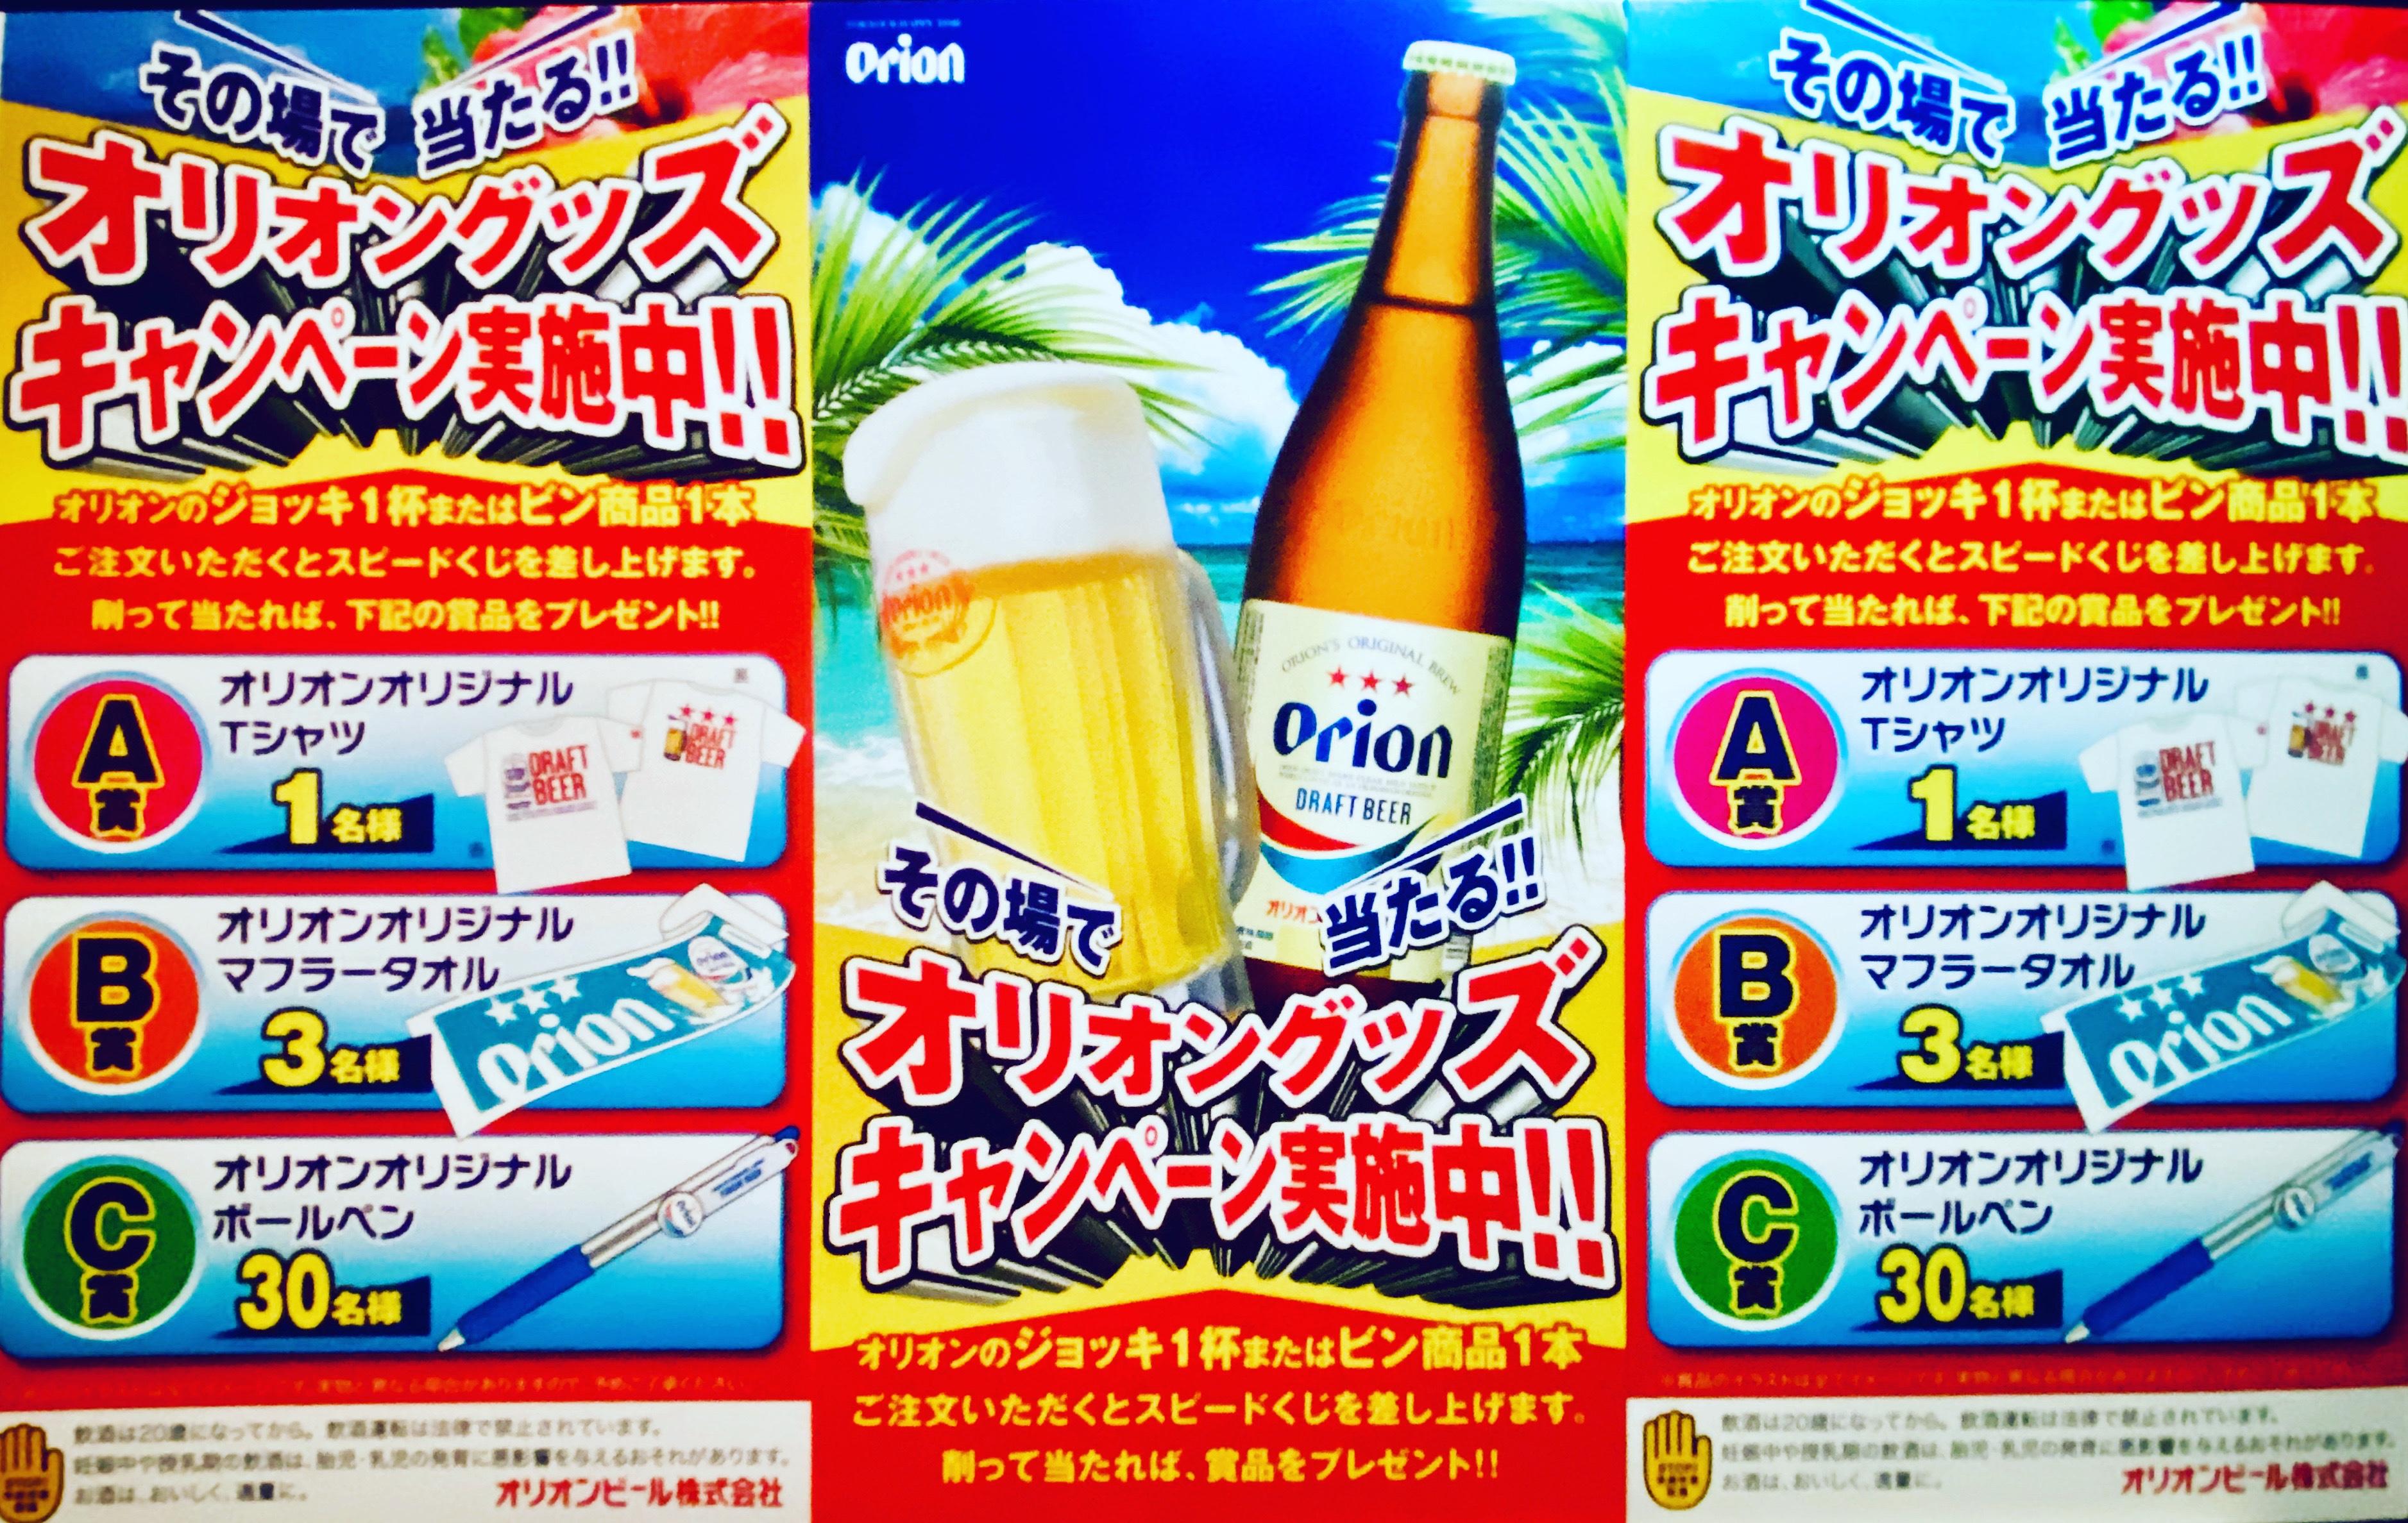 オリオンビールキャンペーンのお知らせ